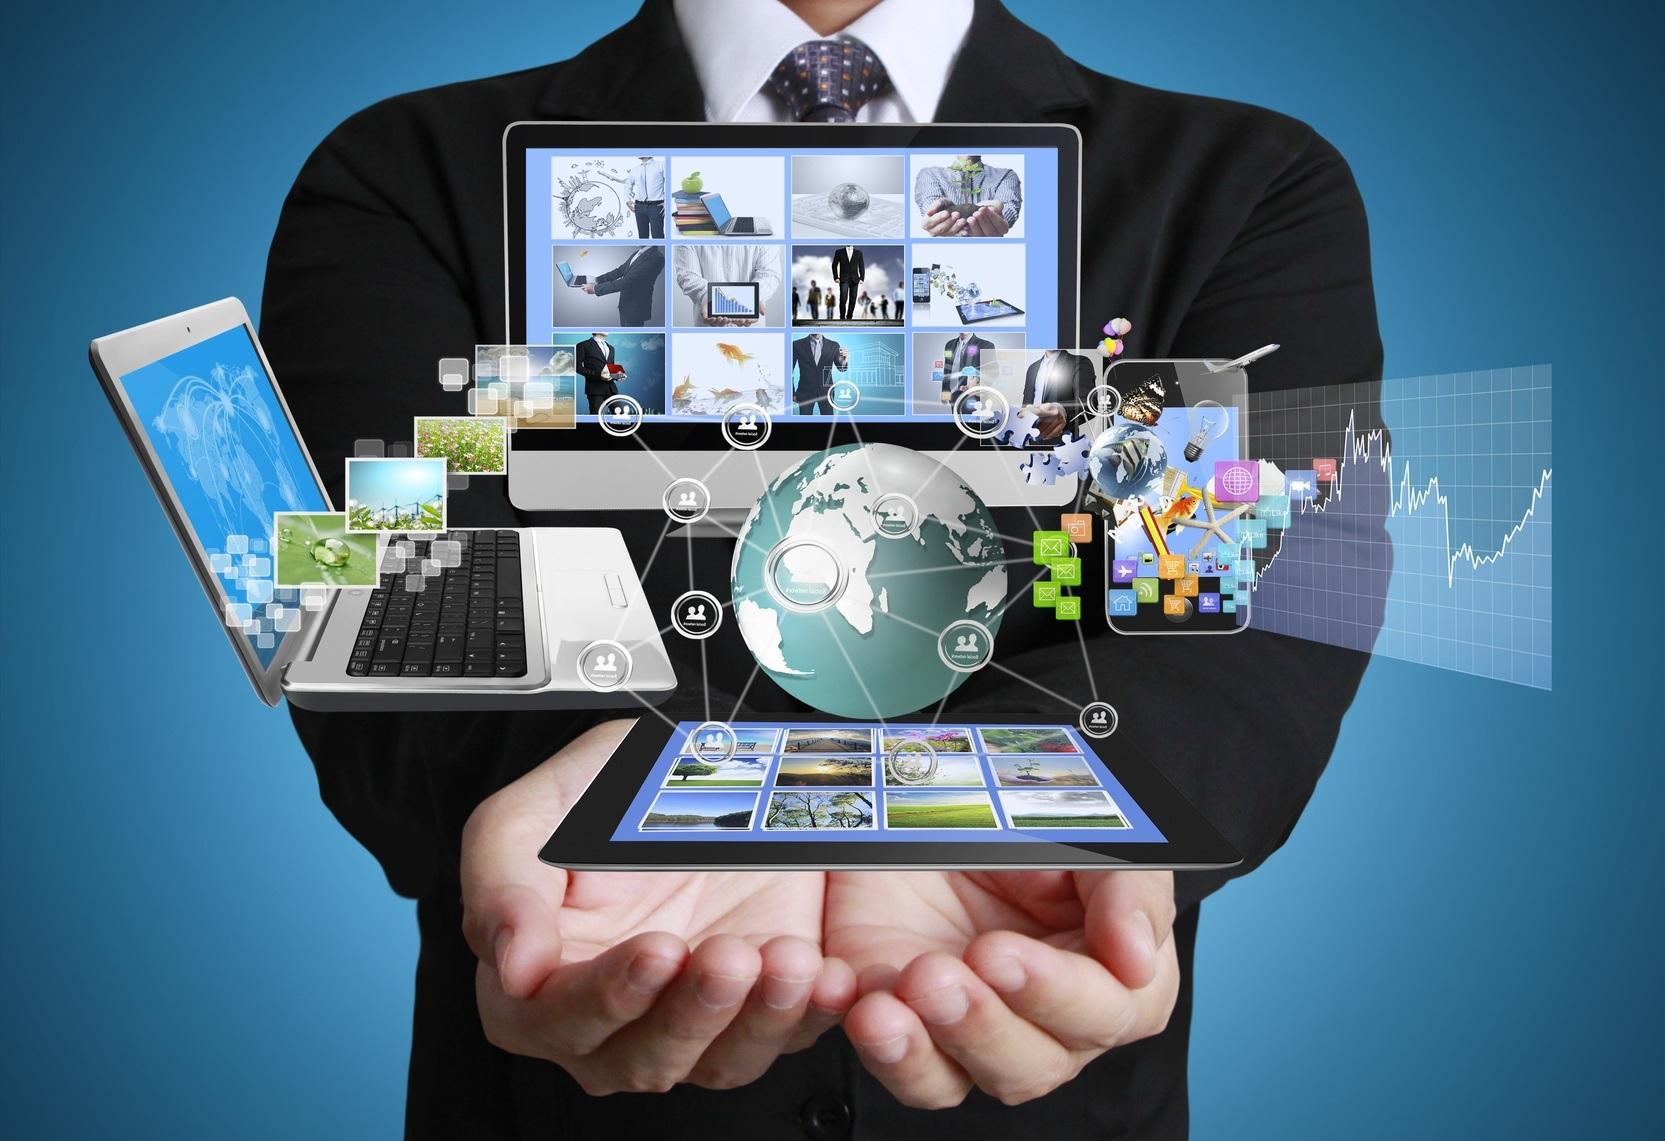 El aporte de las TICs en el aprendizaje y formación – Internovam Blog